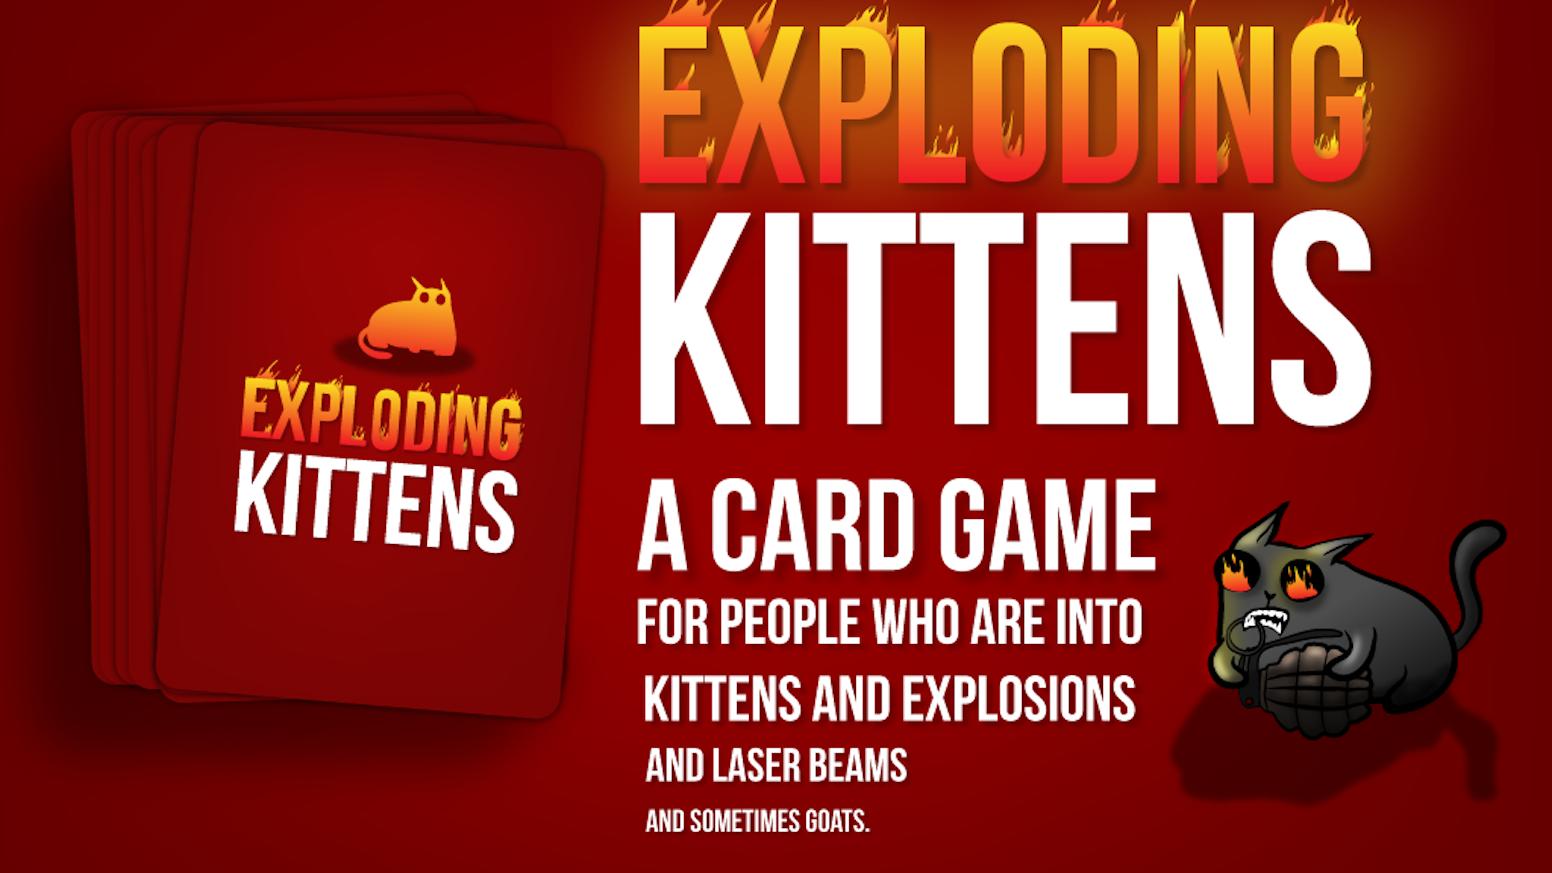 Exploding Kittens By Exploding Kittens Kickstarter